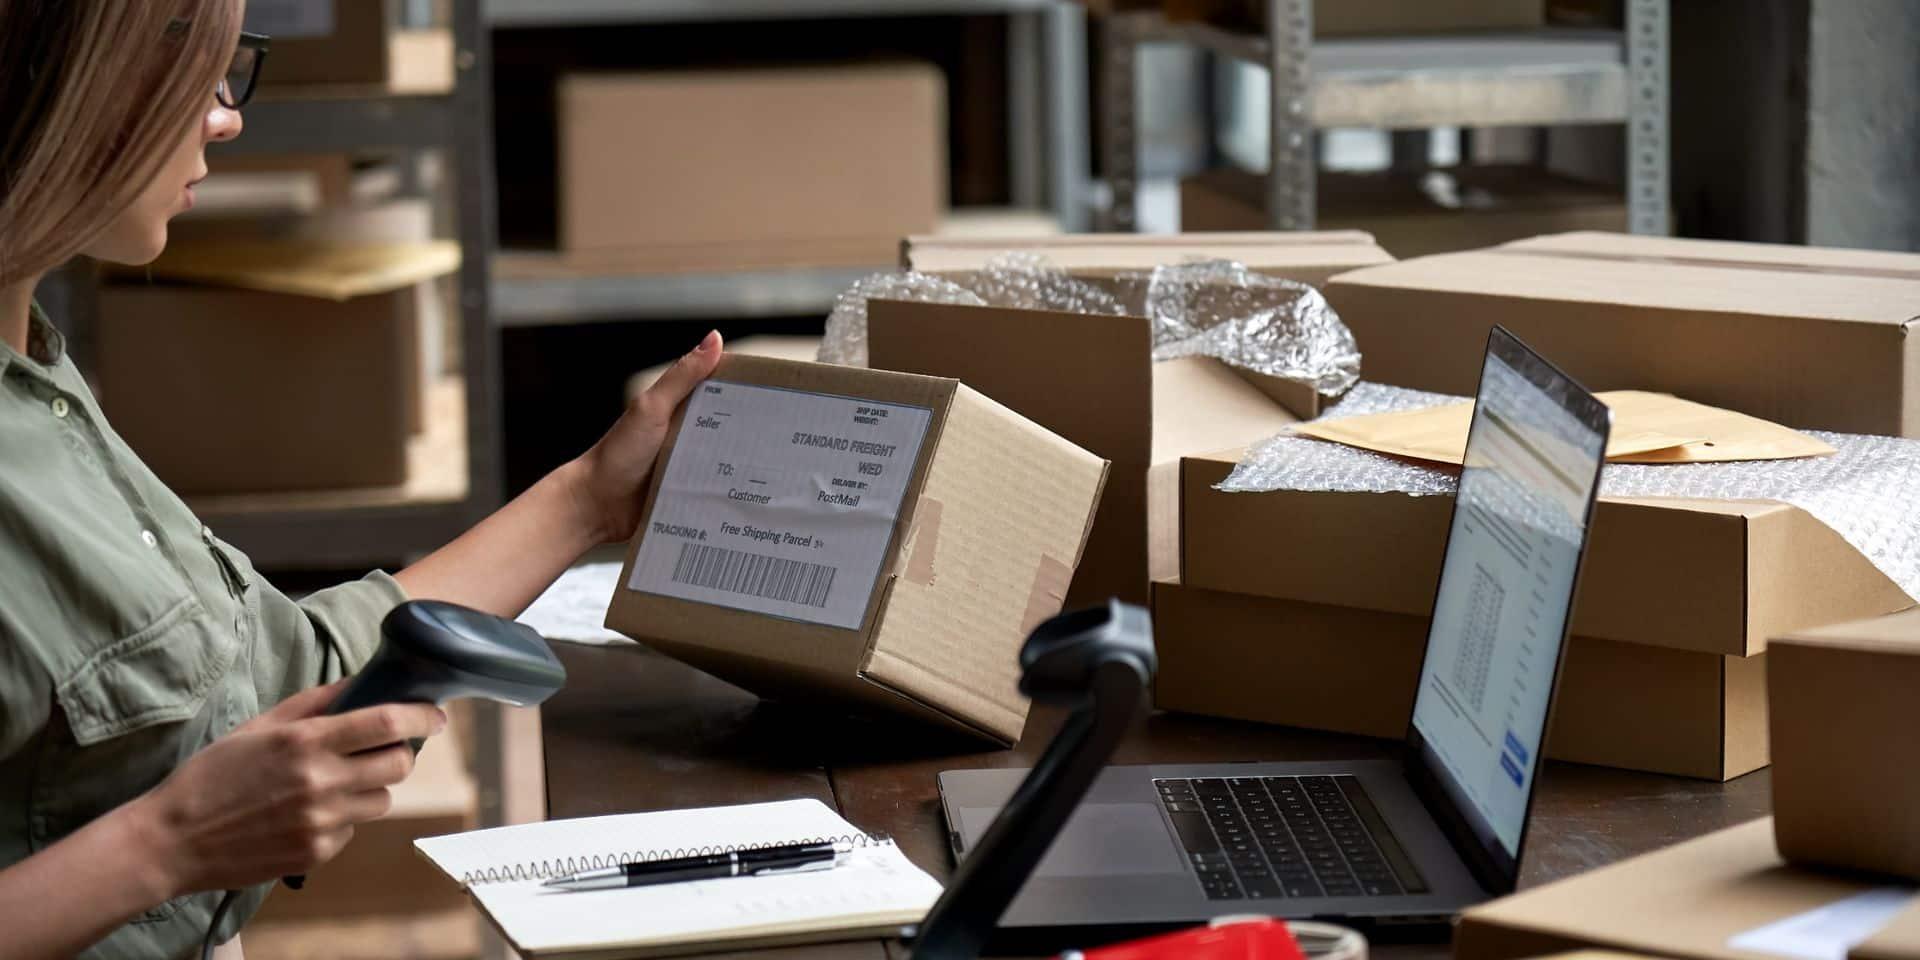 Le Covid-19 dope l'e-commerce mais ne fait pas que des heureux: quels sont les secteurs qui n'en ont pas profité ?